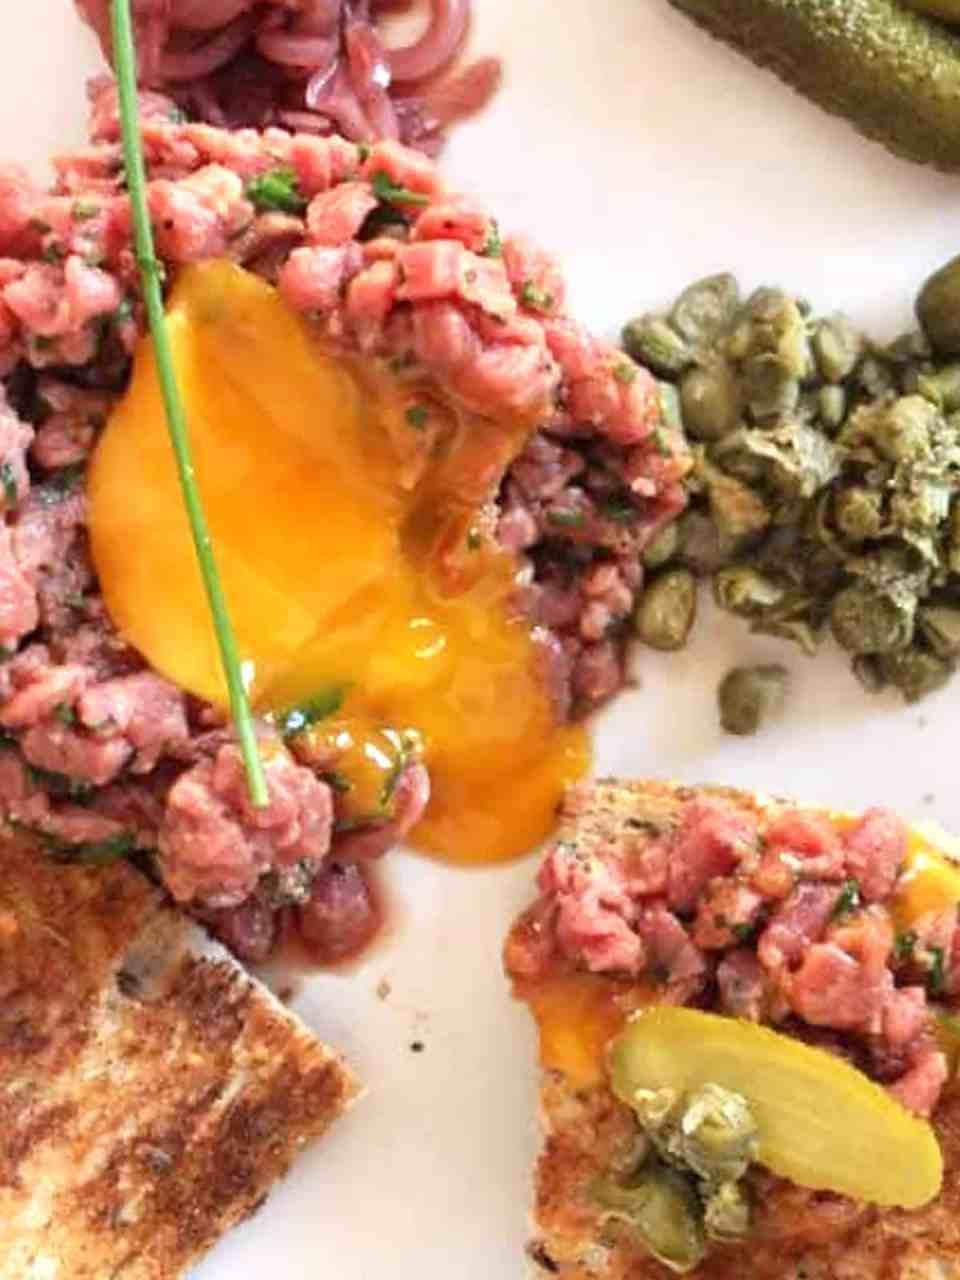 Overhead shot of the egg yolk broken in the steak tartare